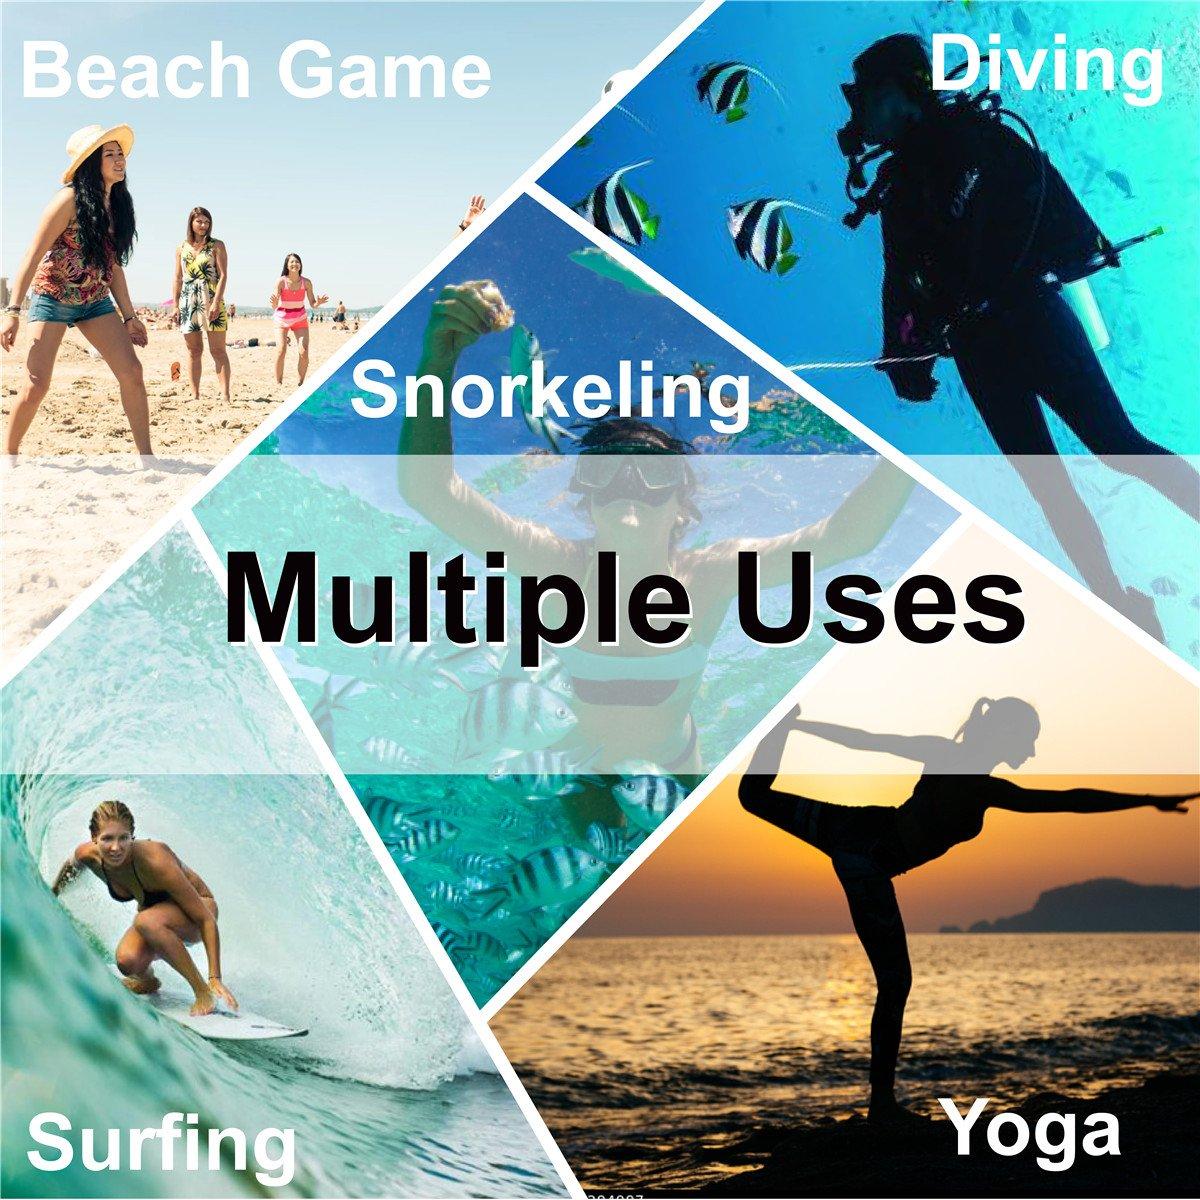 JIASUQI Summer Outdoor Beach Pool Swimming Aqua Water Shoes for Women Men Black US 9.5-10.5 Women, 8.5-9 Men by JIASUQI (Image #7)